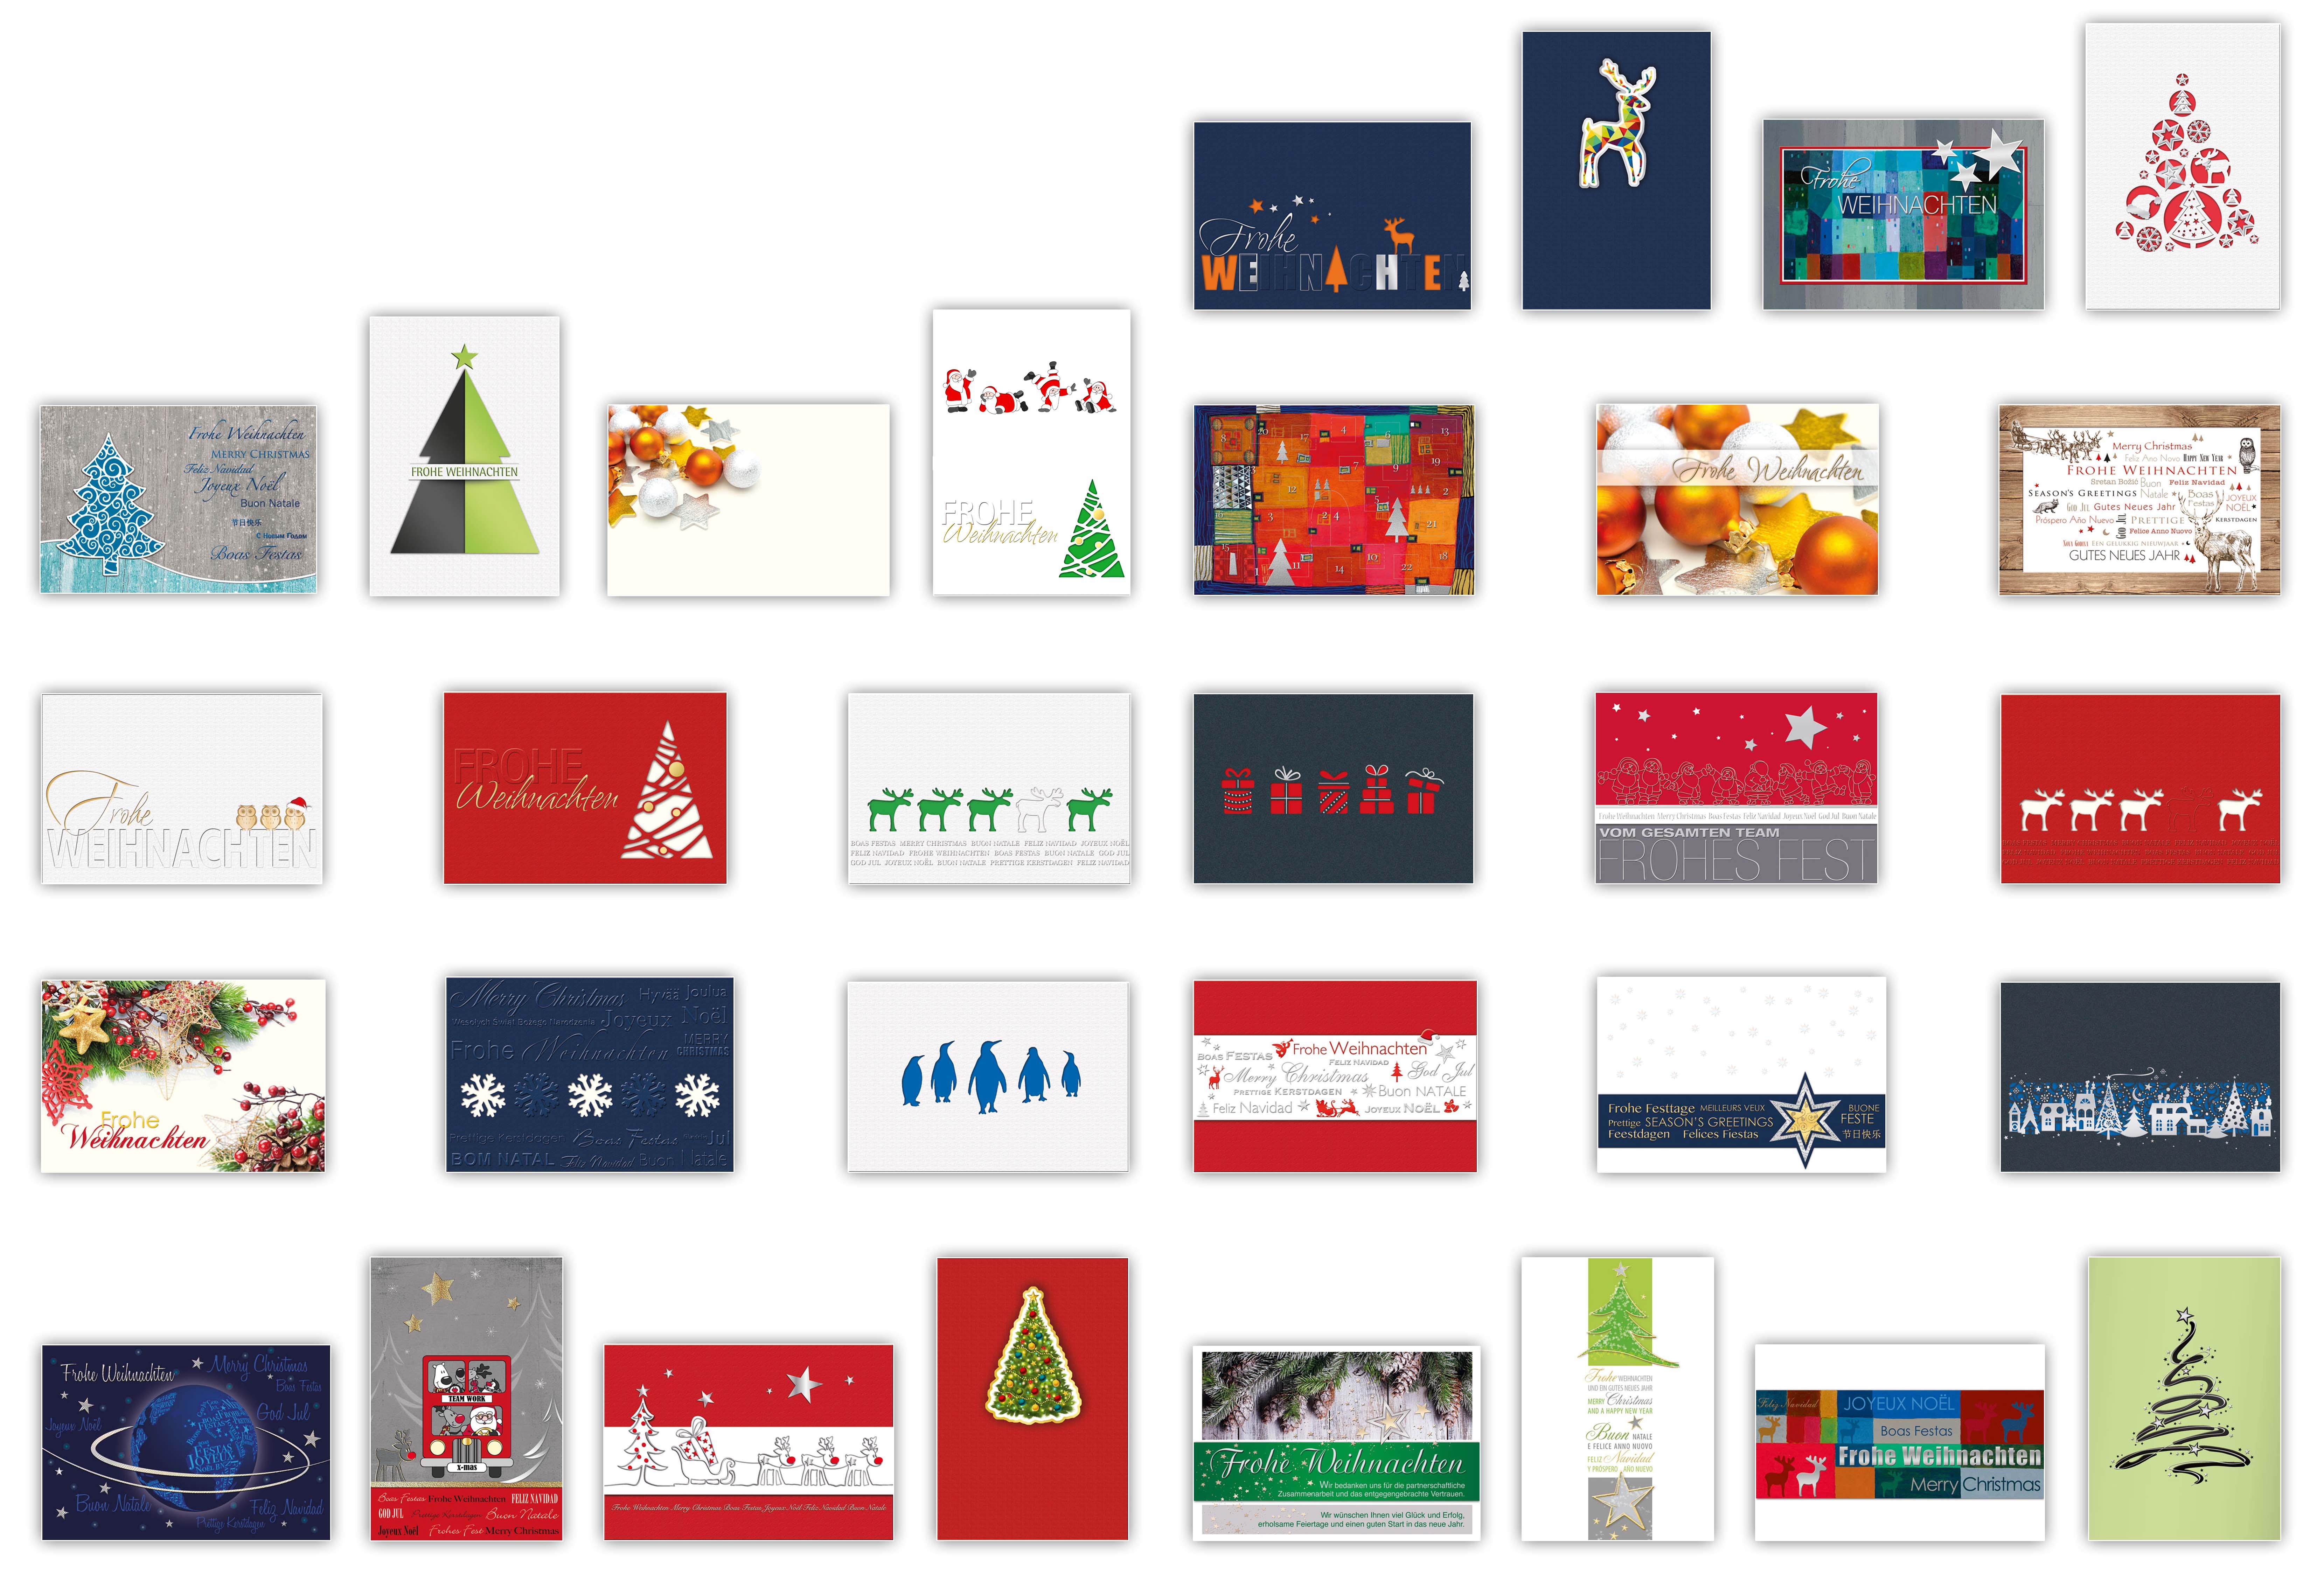 Weihnachtskarten Auszug